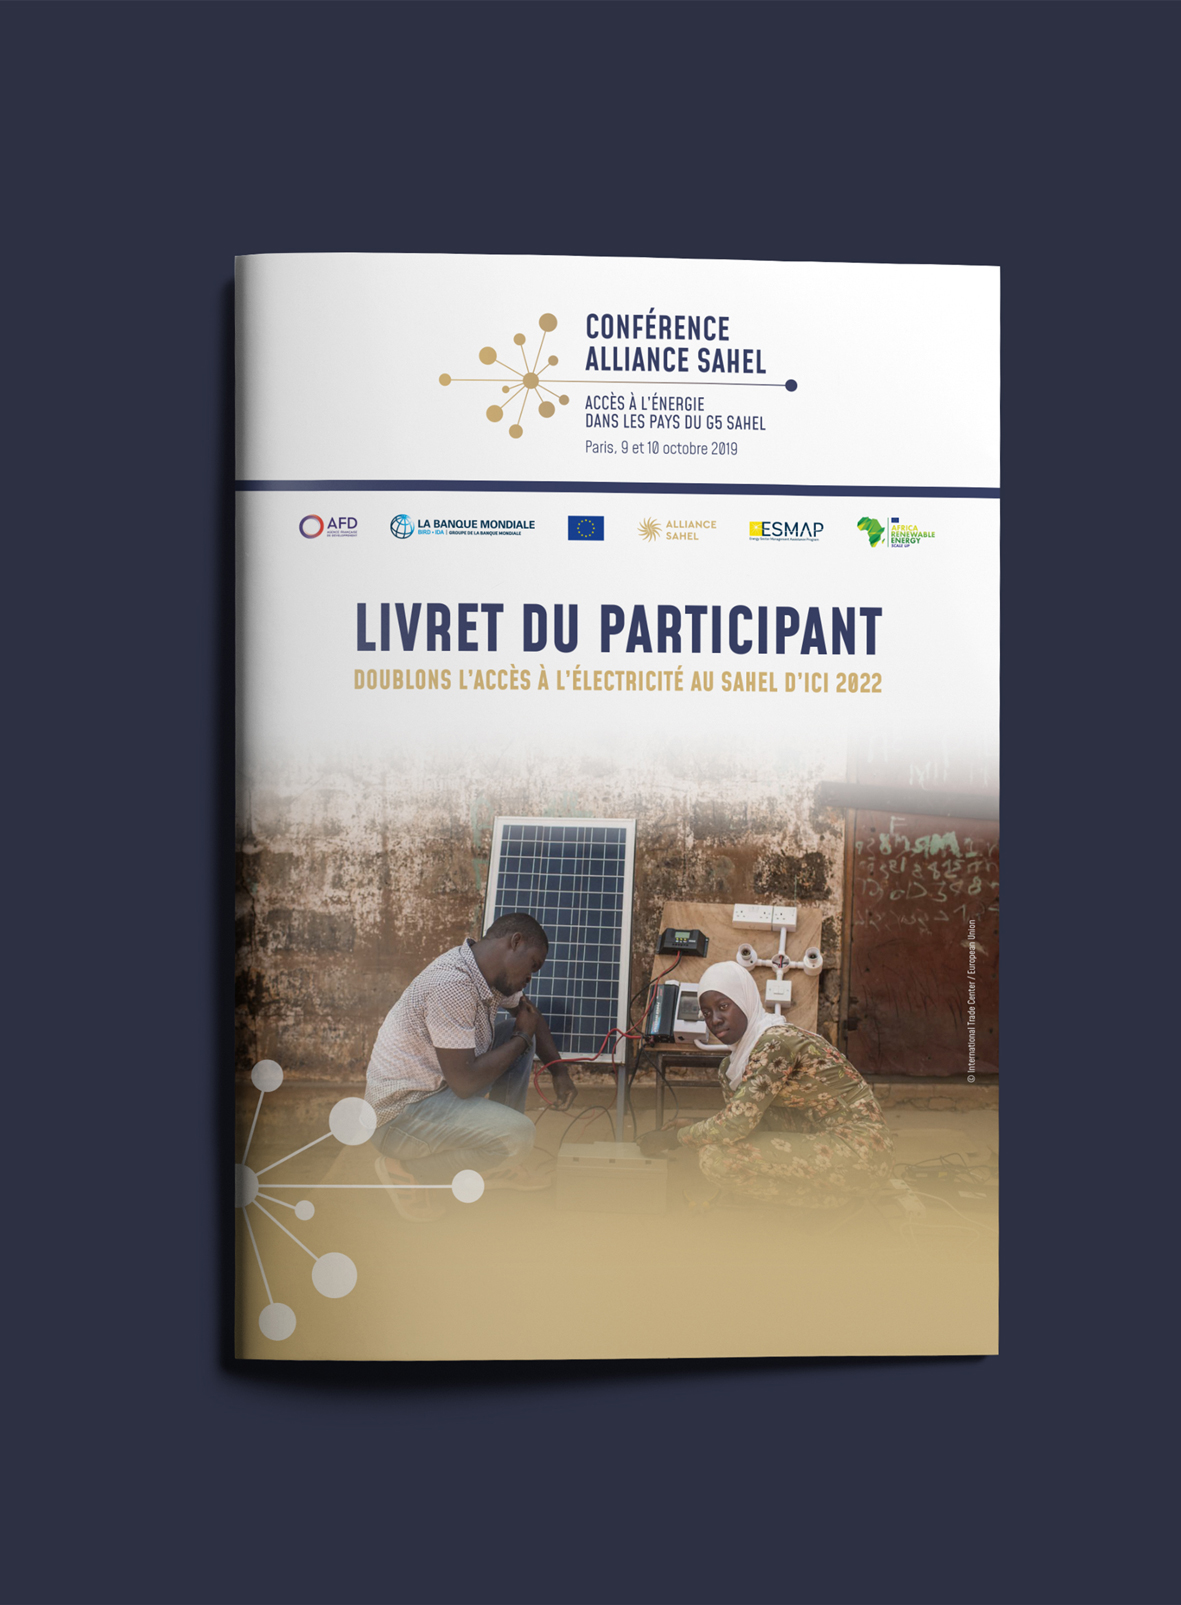 preview-AFD-Conférence-Alliance-Sahel